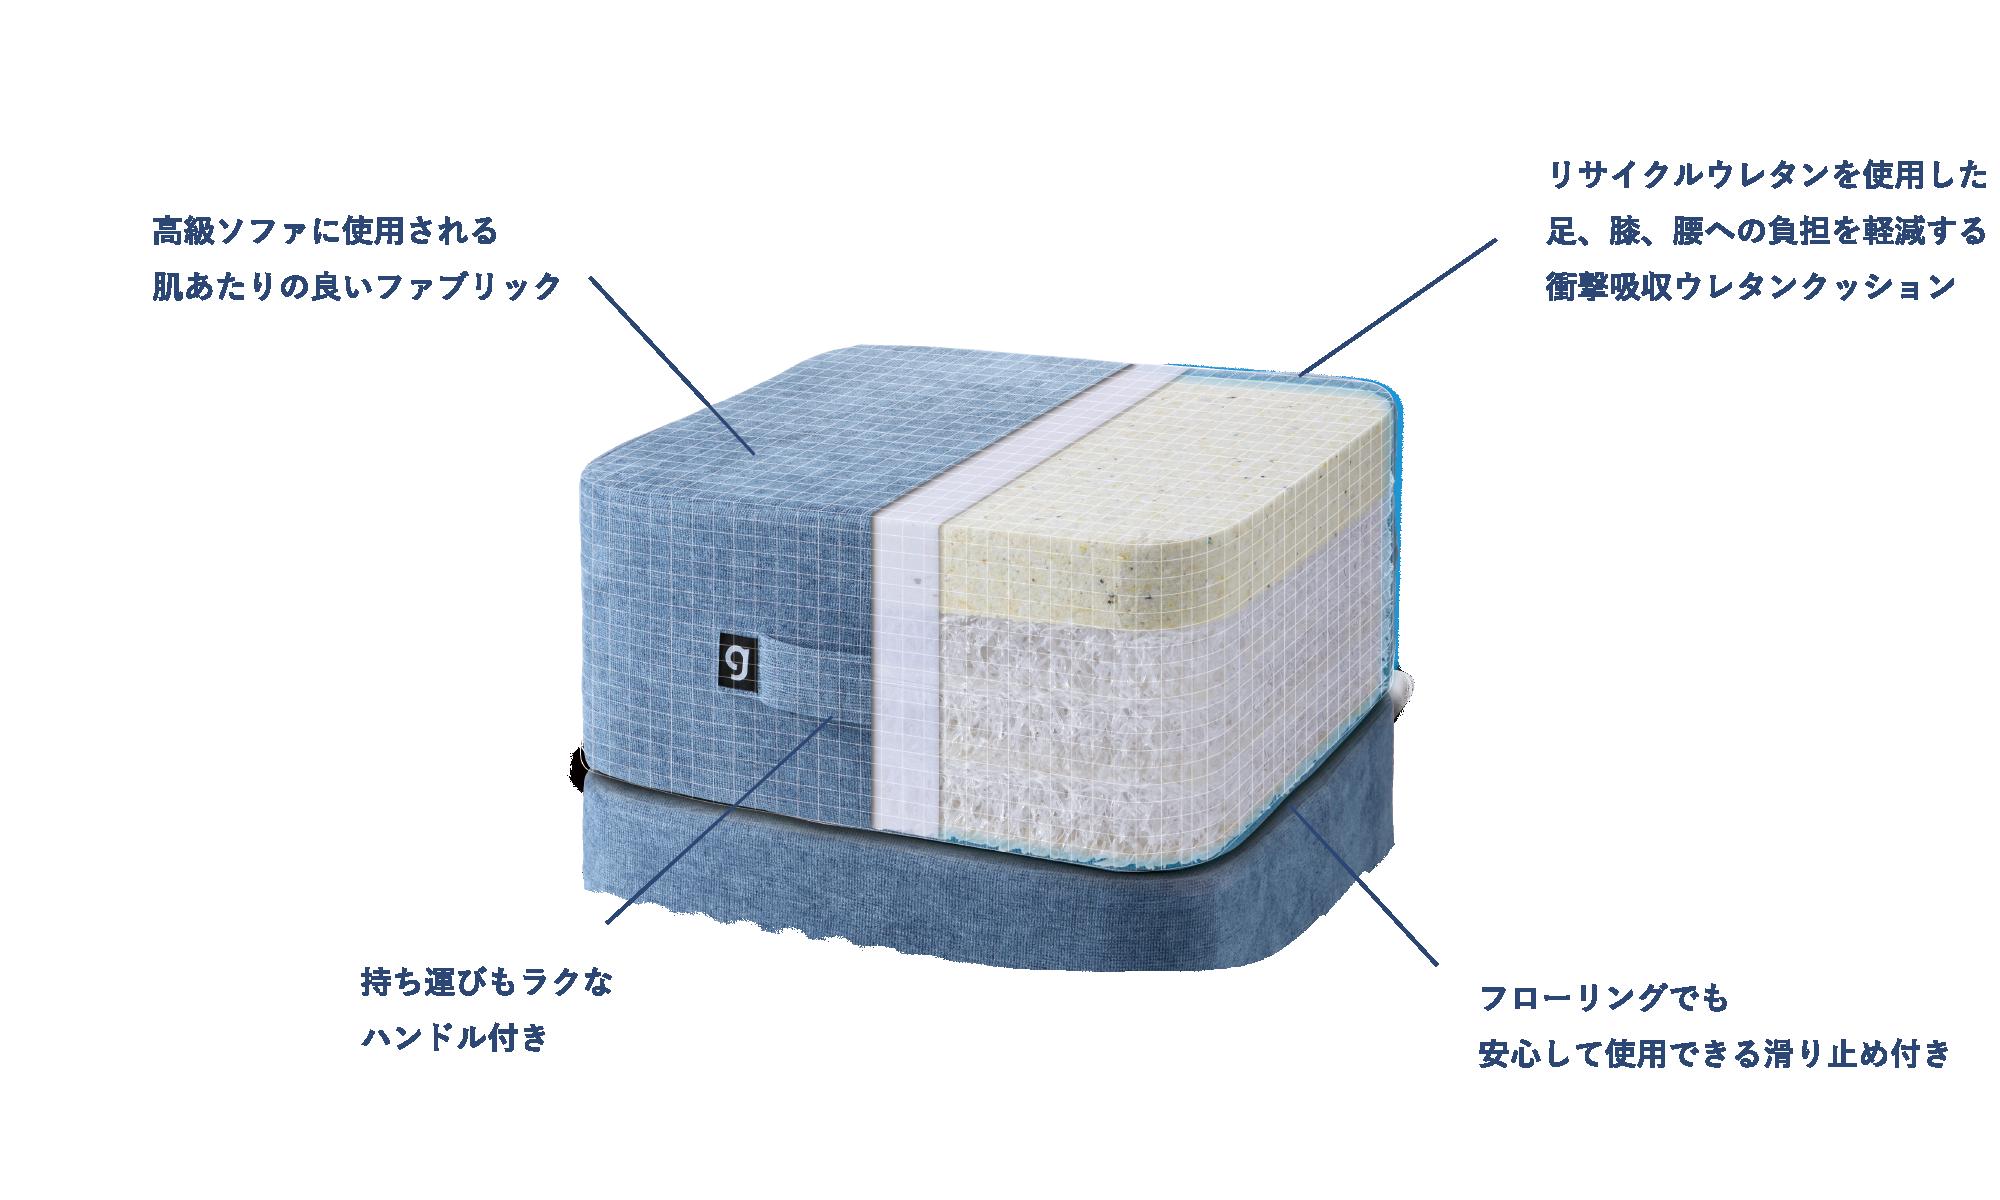 シェイプキューブ素材と性能